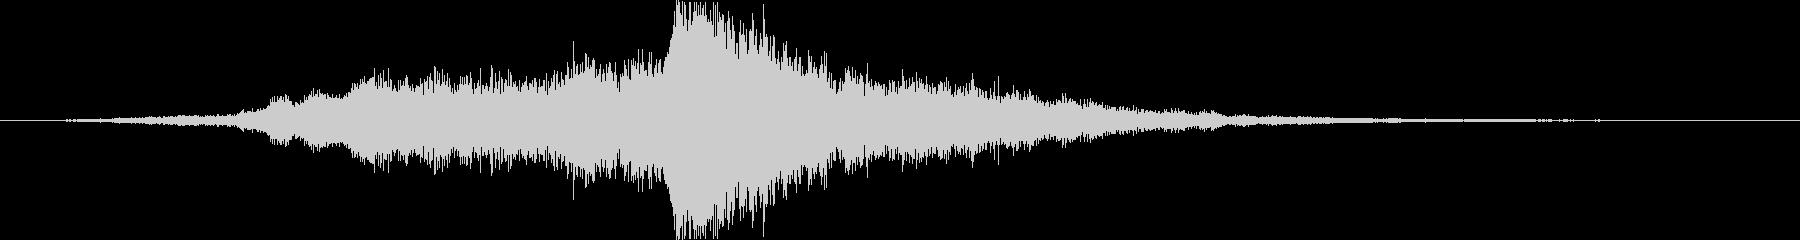 音楽ロゴ;シンセサイザーフルート、...の未再生の波形